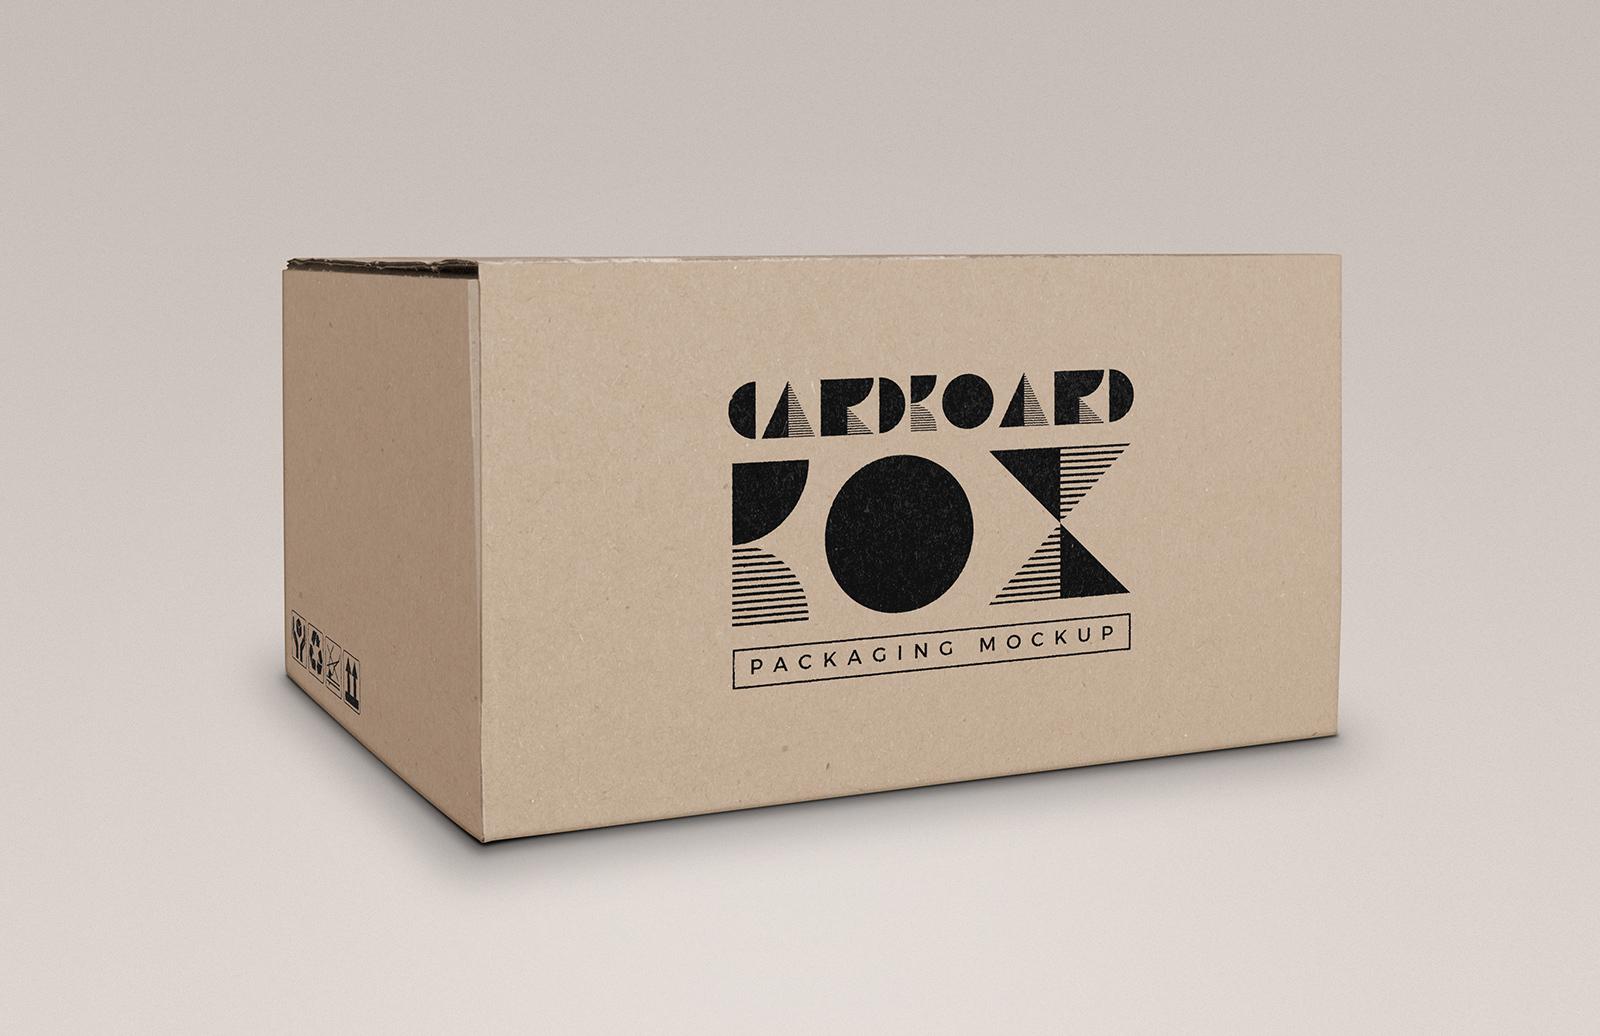 Cardboard Box Mockup Preview 1